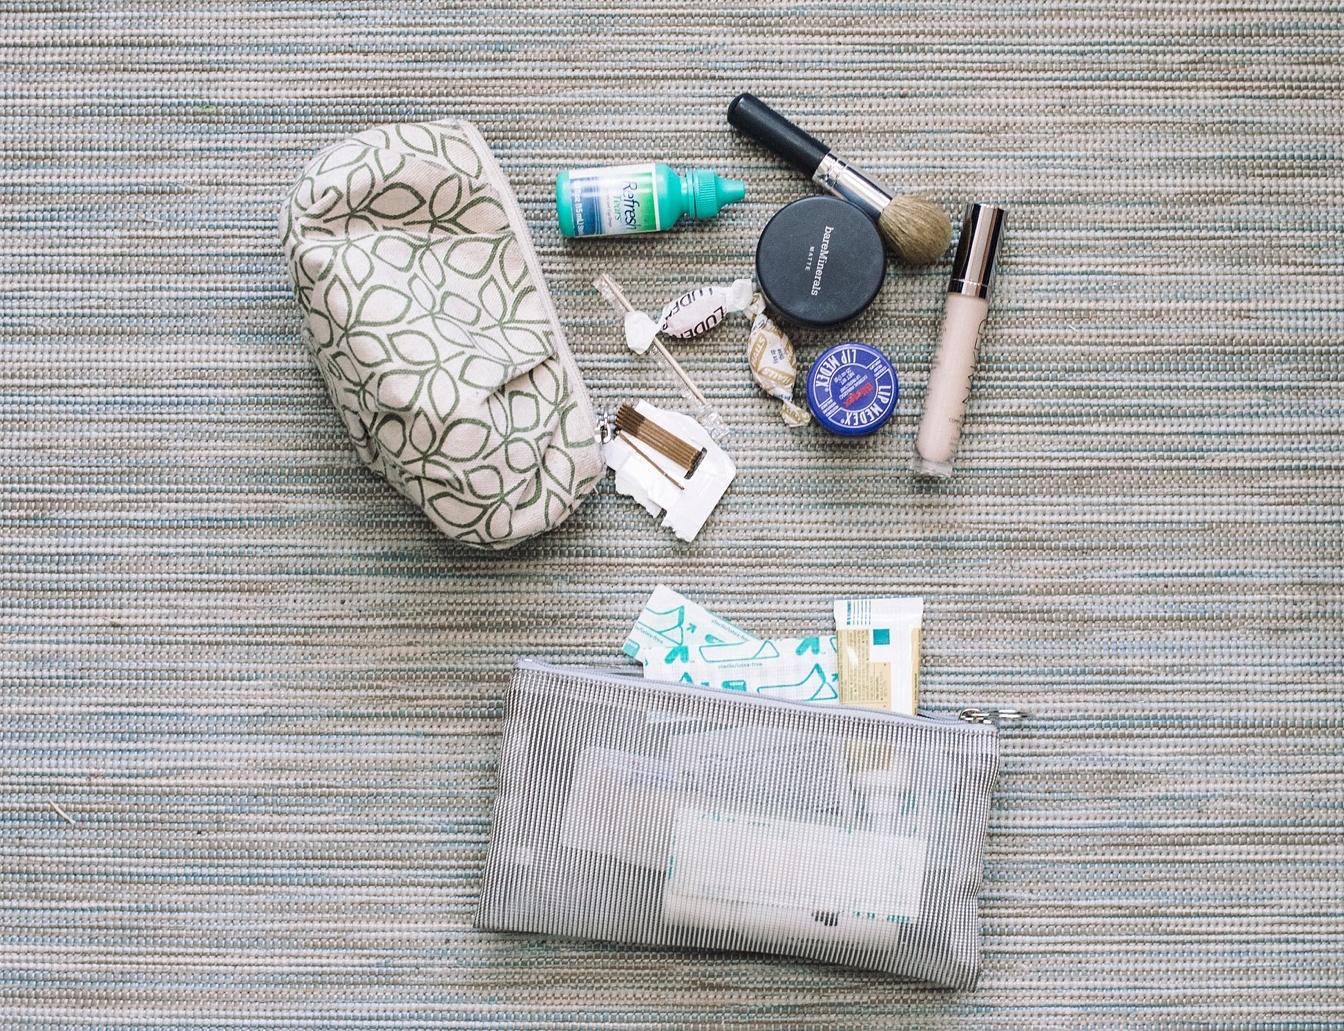 Five camera bag essentials for any photographer!